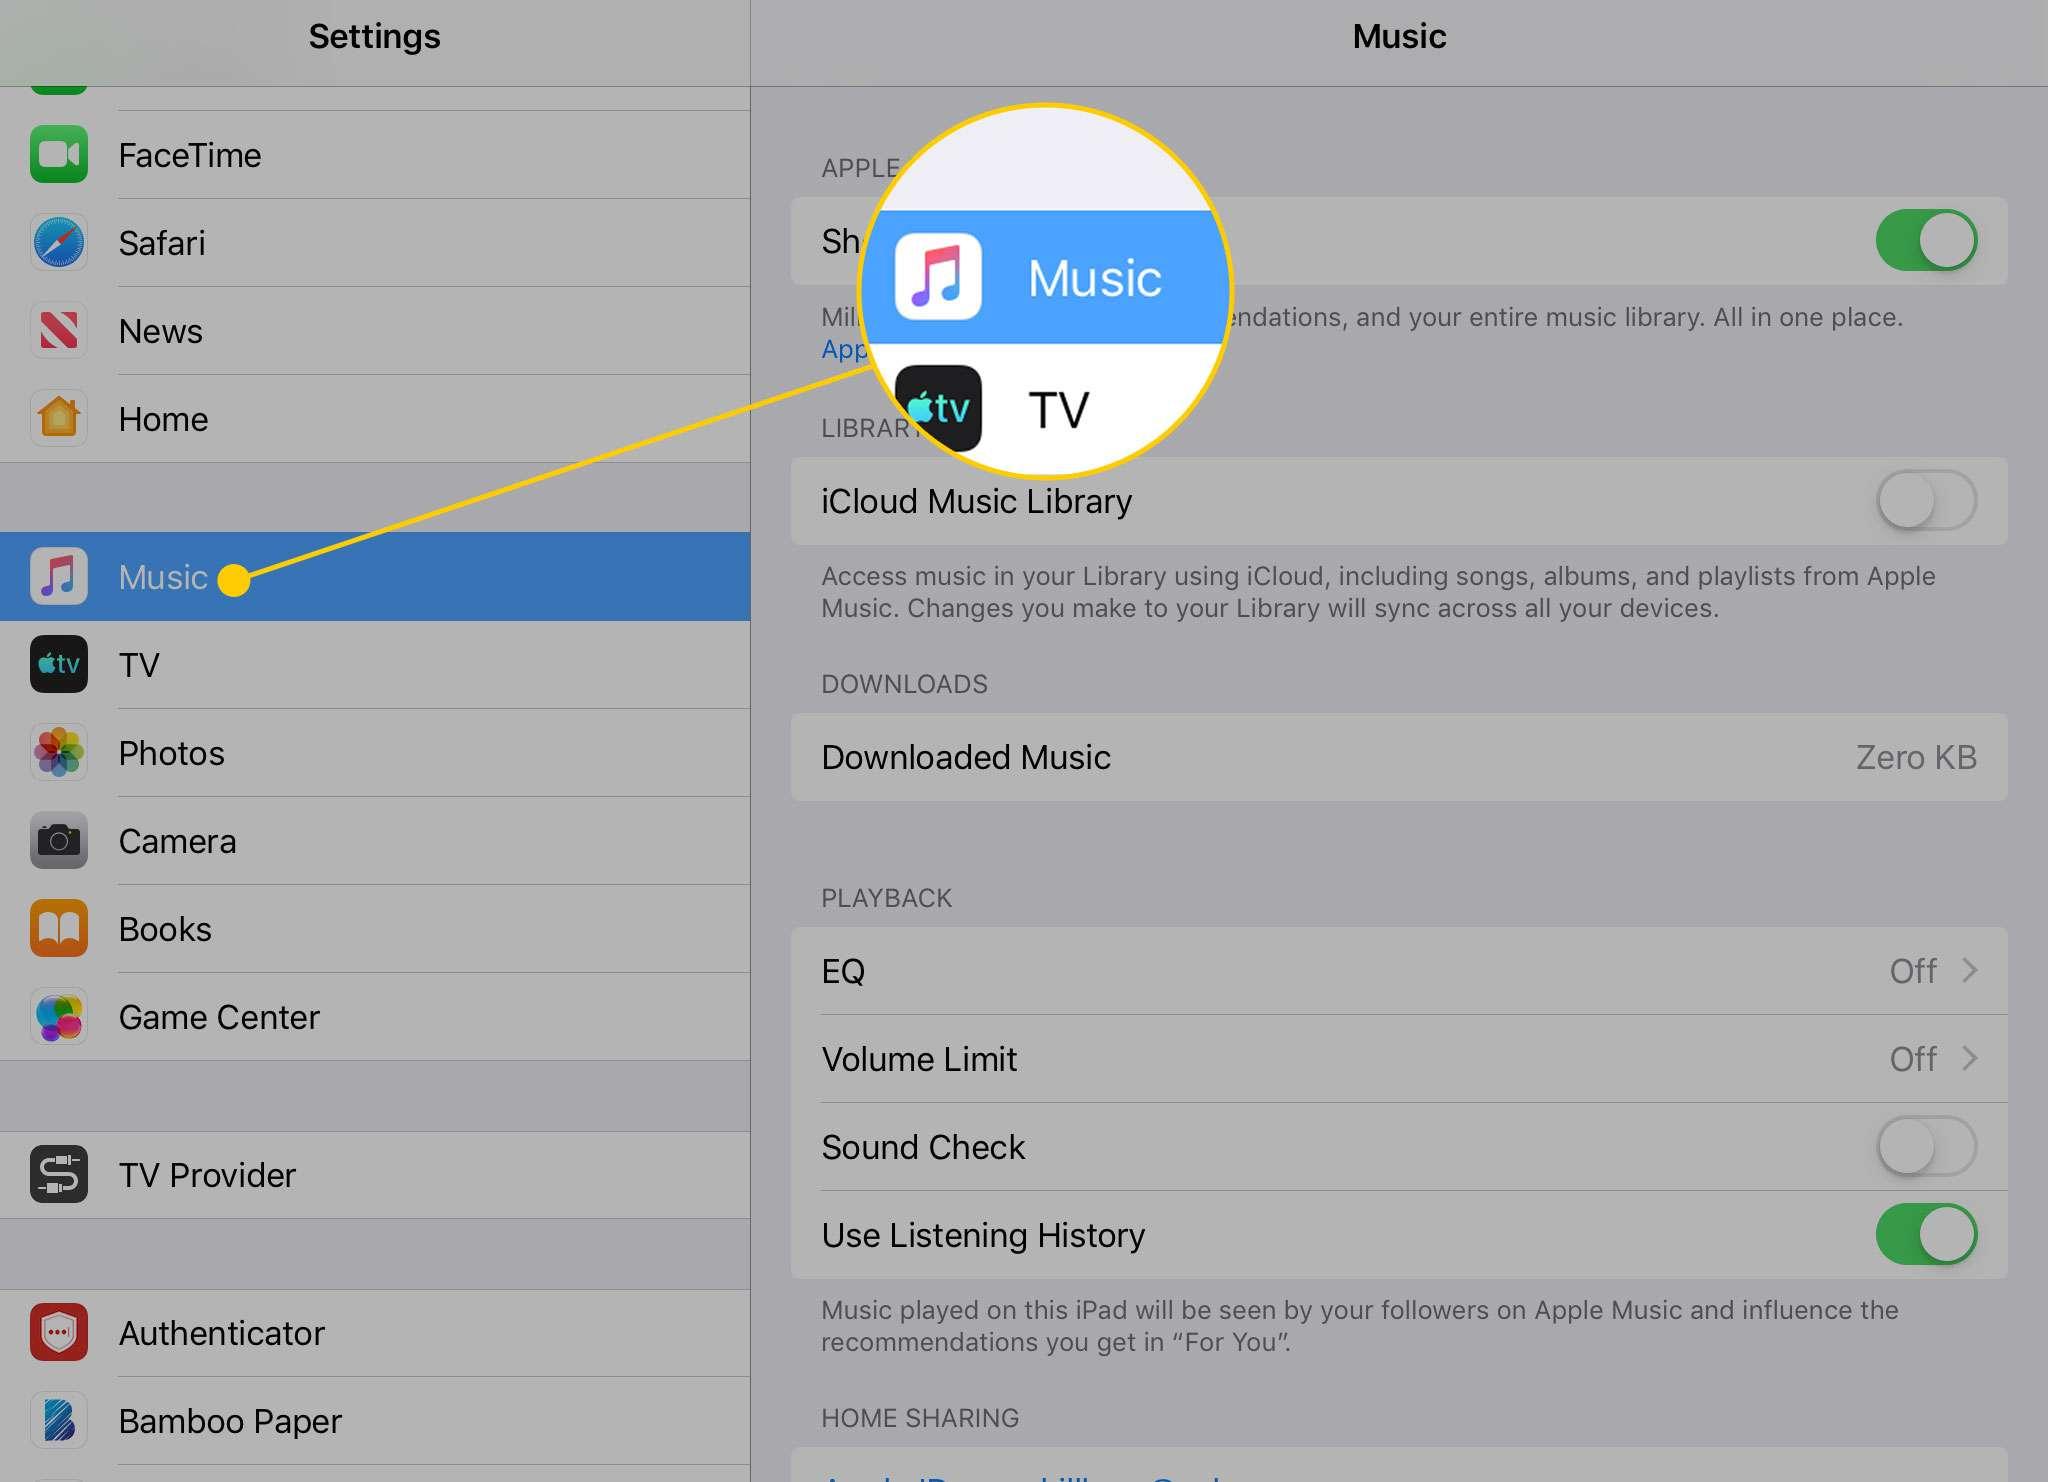 Приложение настроек на iPad с выделенным заголовком Музыка